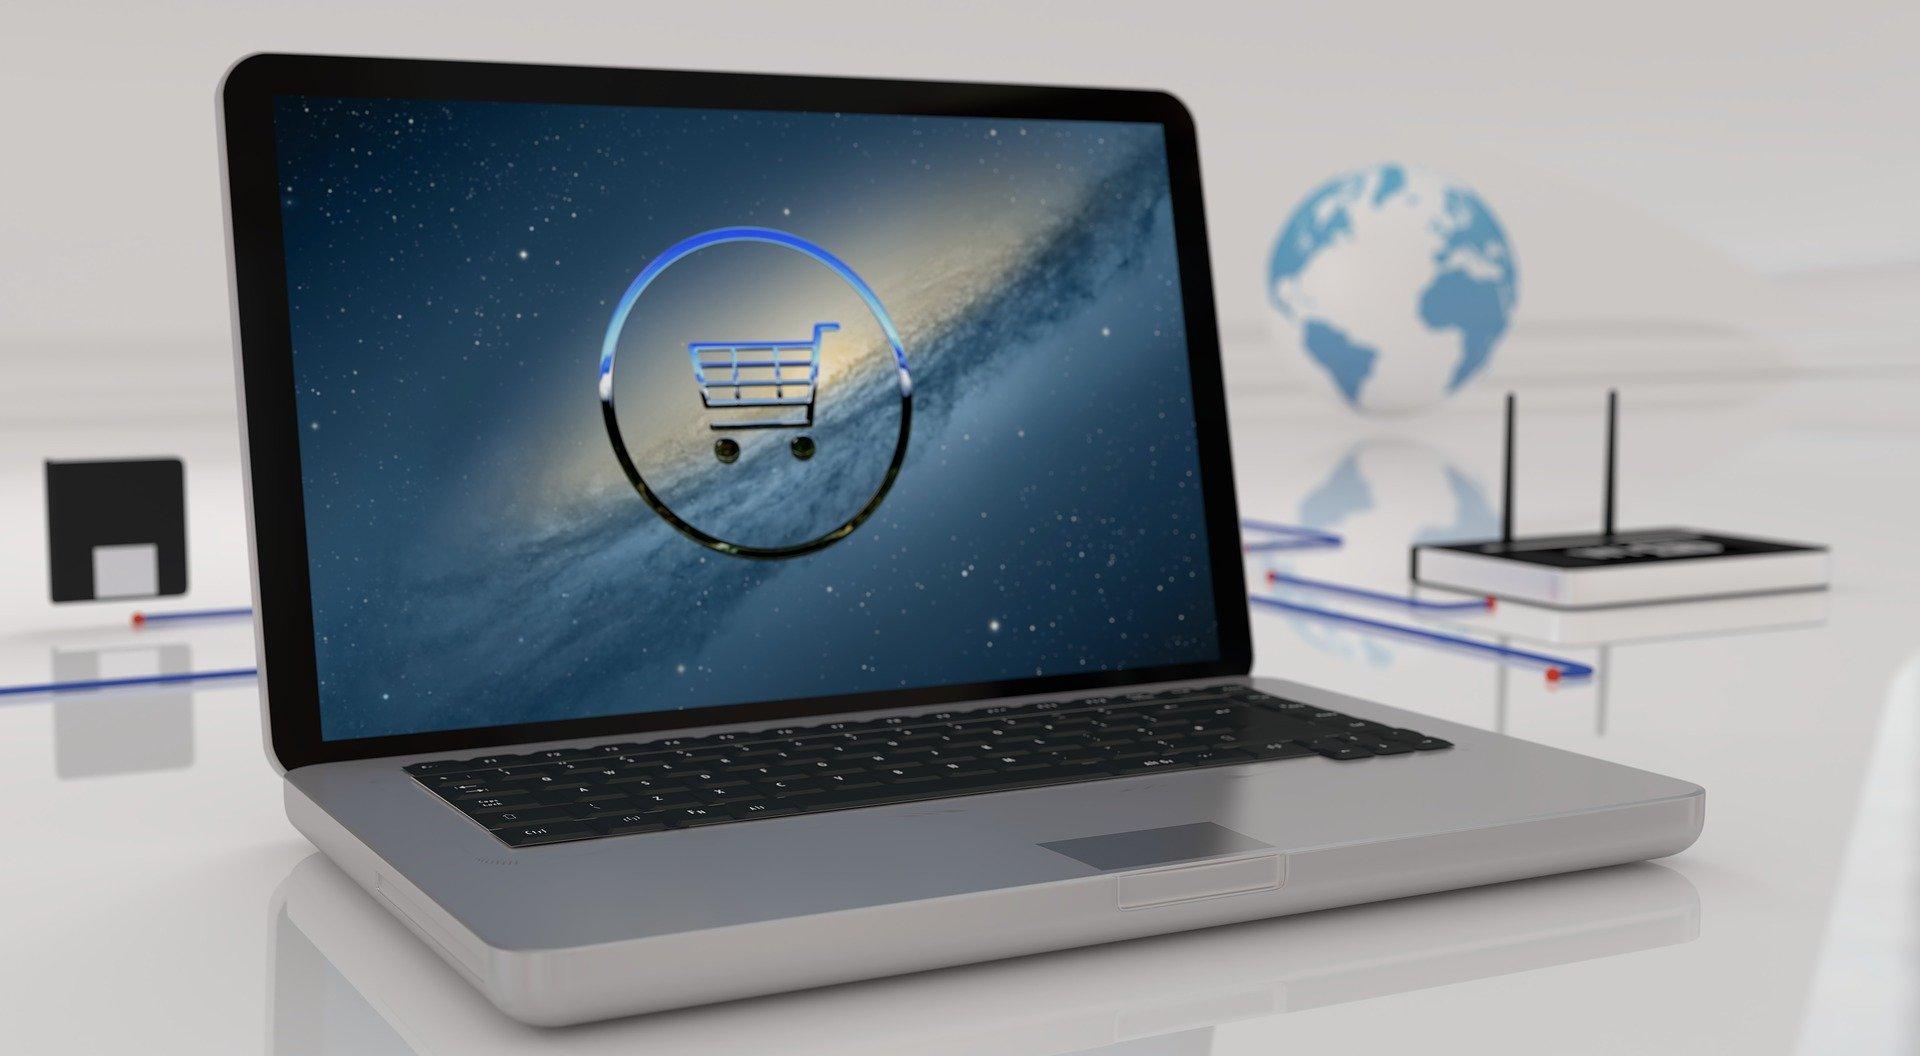 Vemos a tela de um computador com o desenho de um carrinho de compras (imagem ilustrativa).